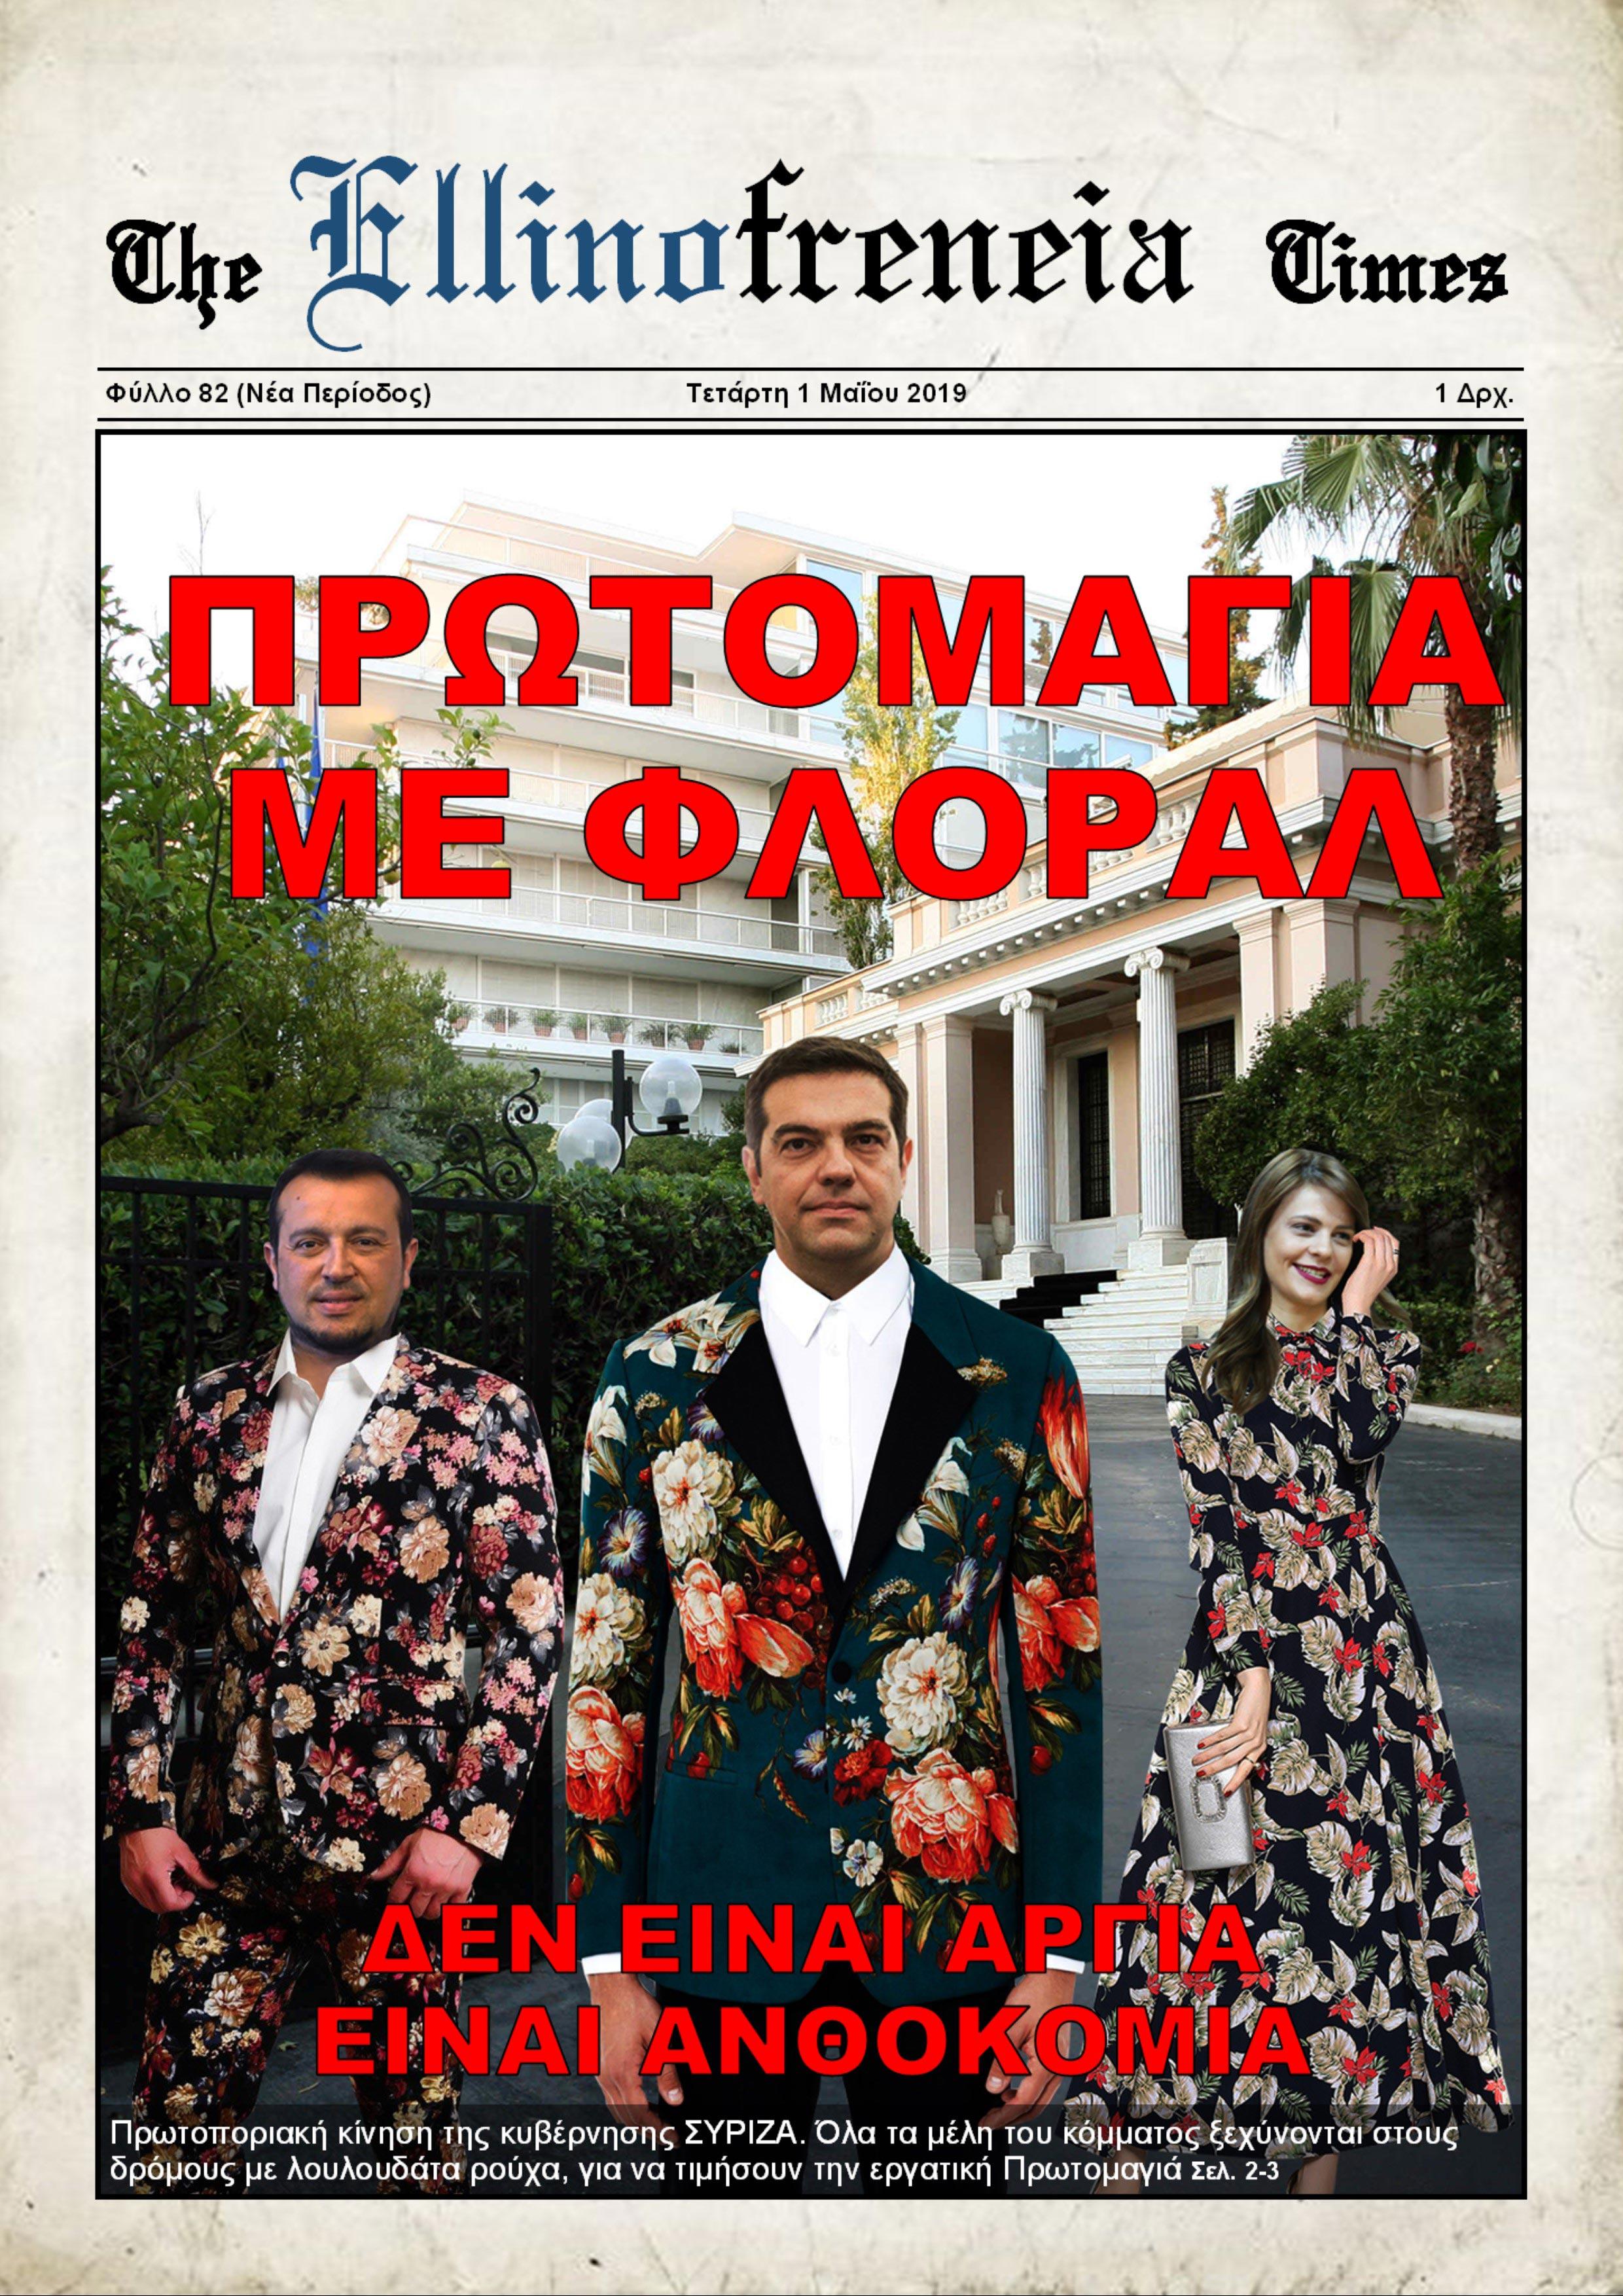 Εφημερίδα, Πρωτομαγιά, ΣΥΡΙΖΑ, Τσίπρας